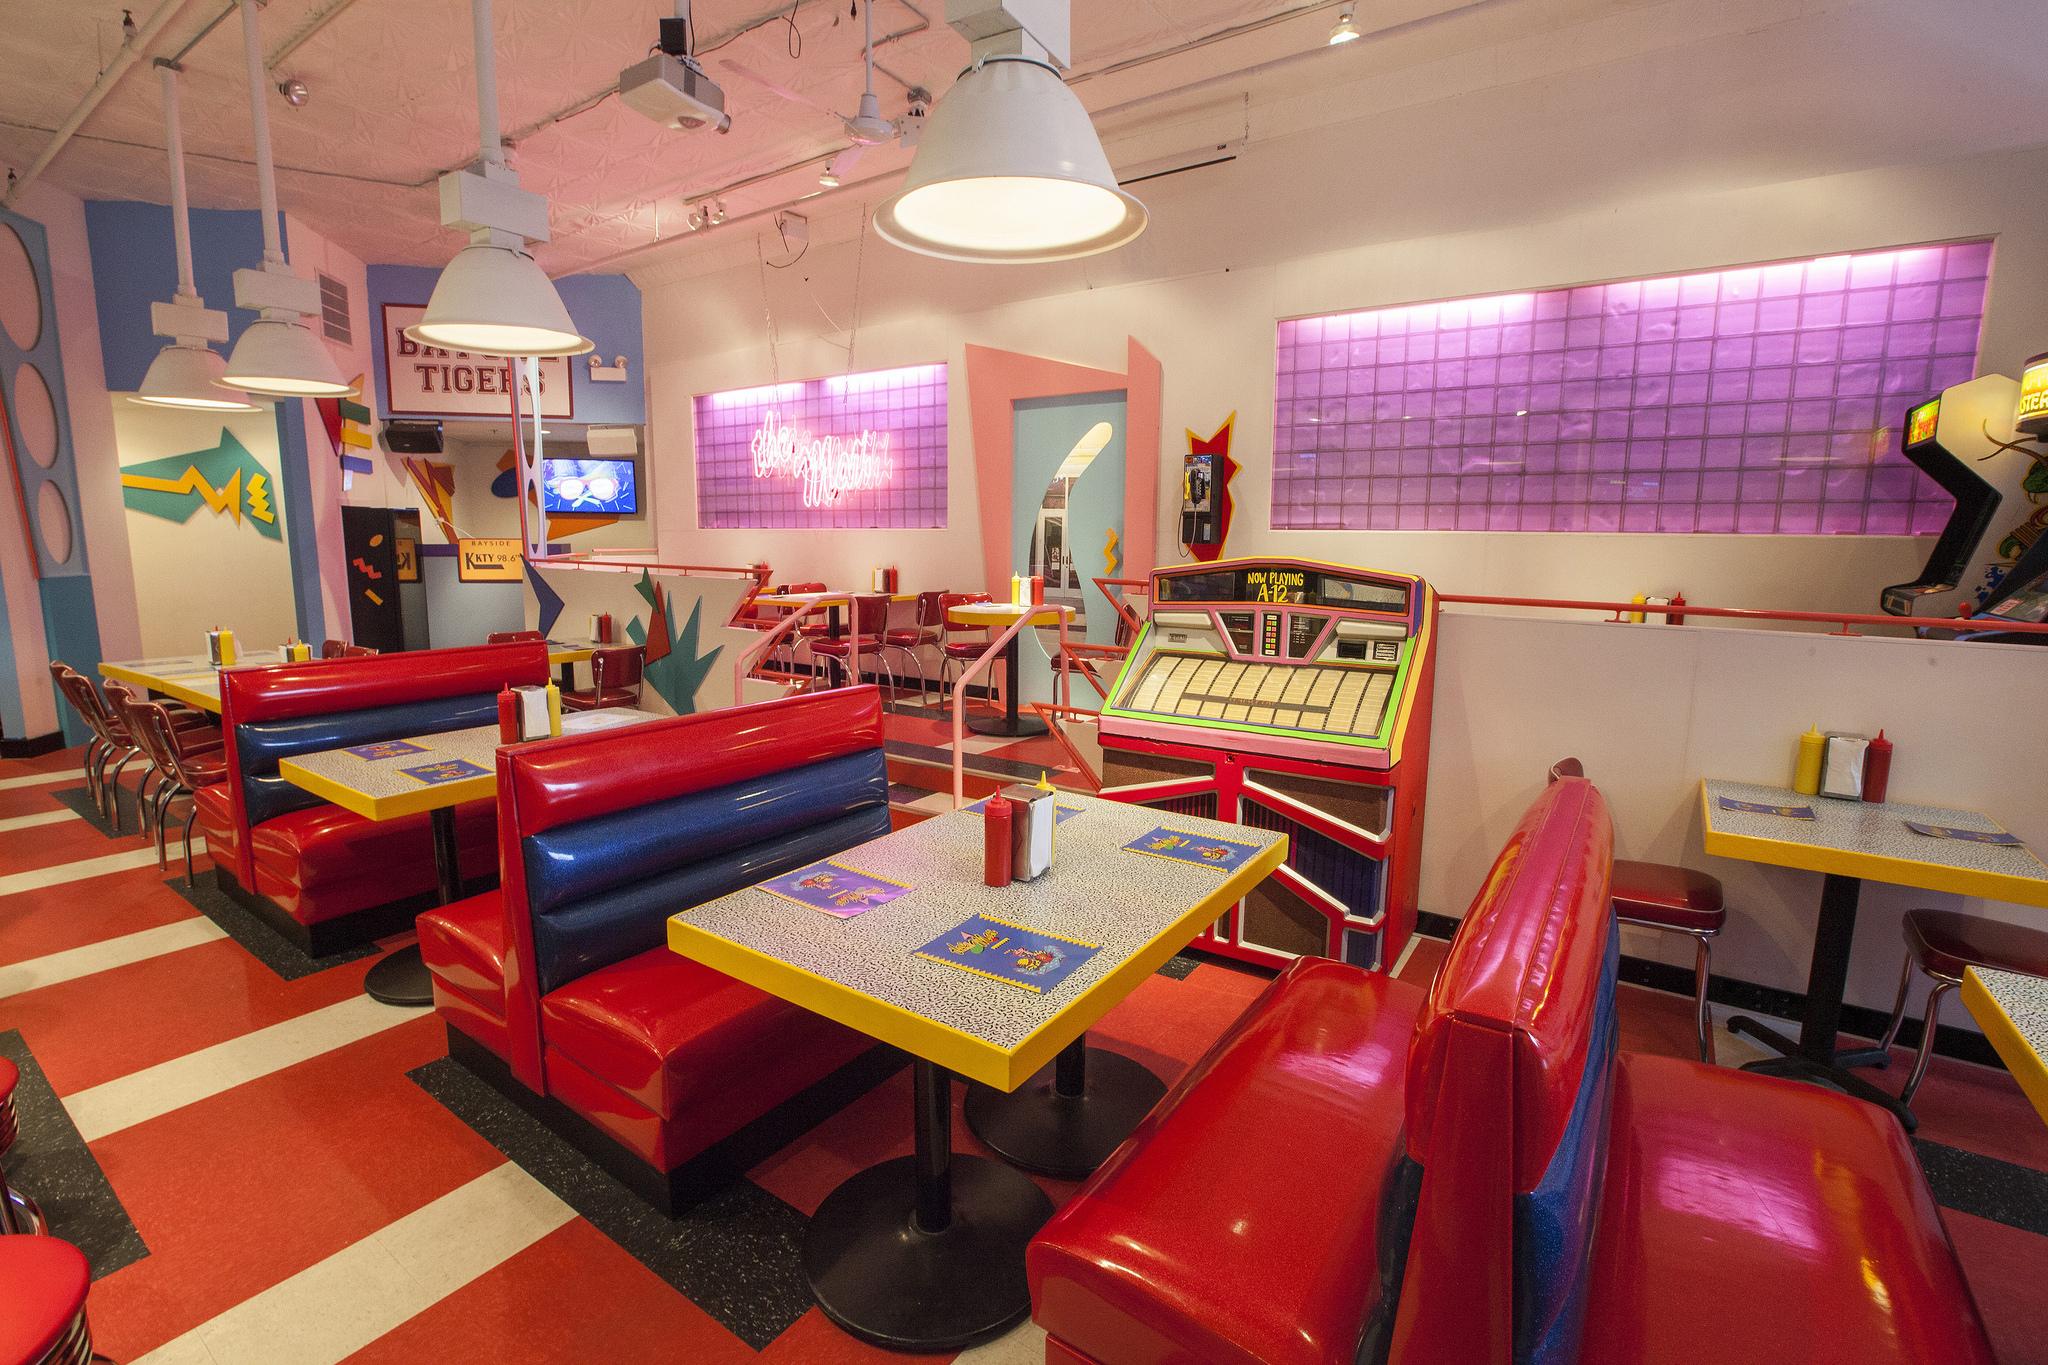 Memphis Design, pop culture, and the battle against 'good taste'